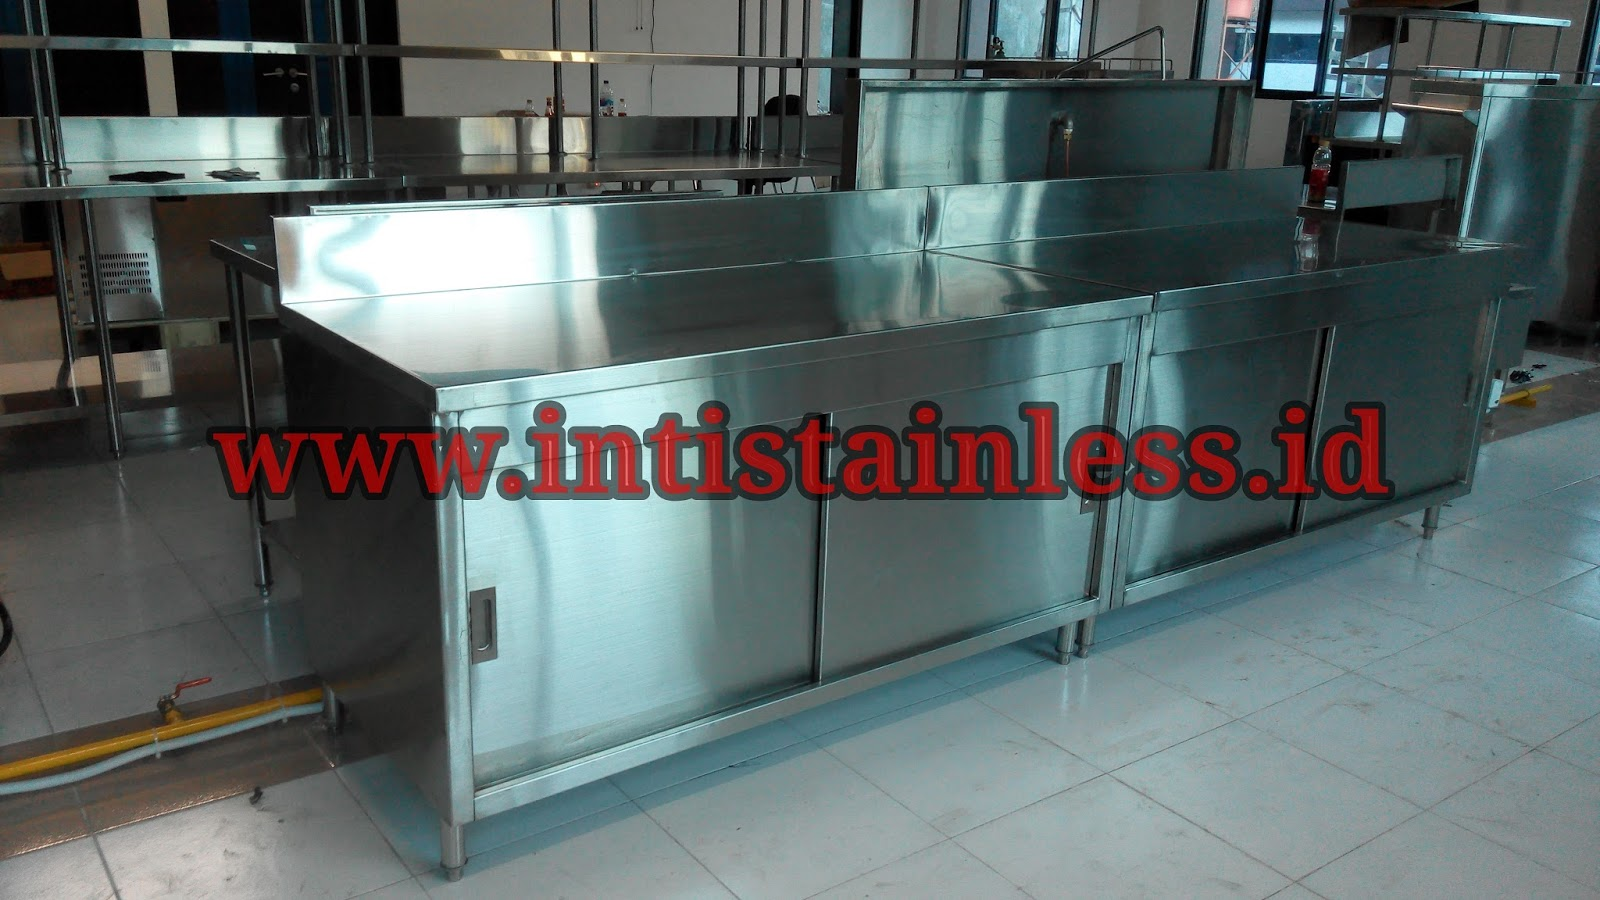 Jual Meja Cabinet Meja Penyimpanan Kitchen Set Stainless